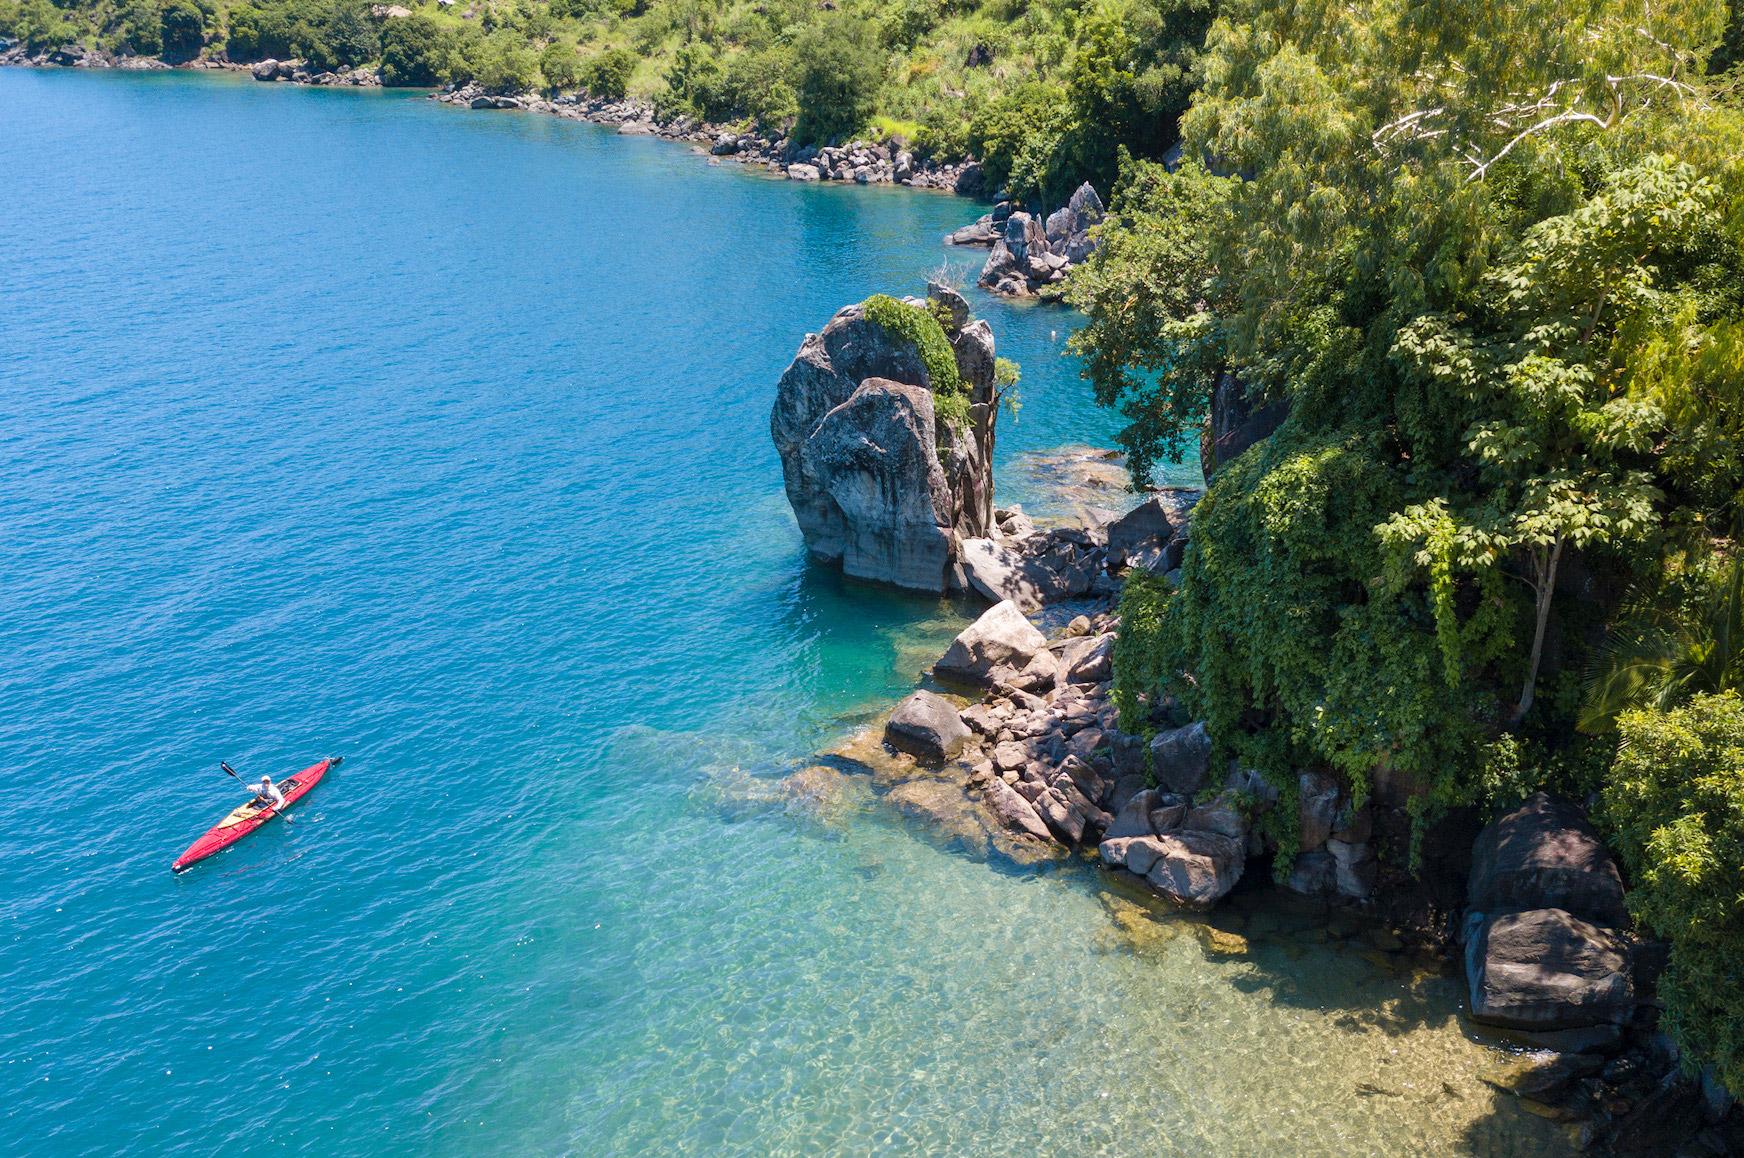 Kayak off Lake Malawi's shore